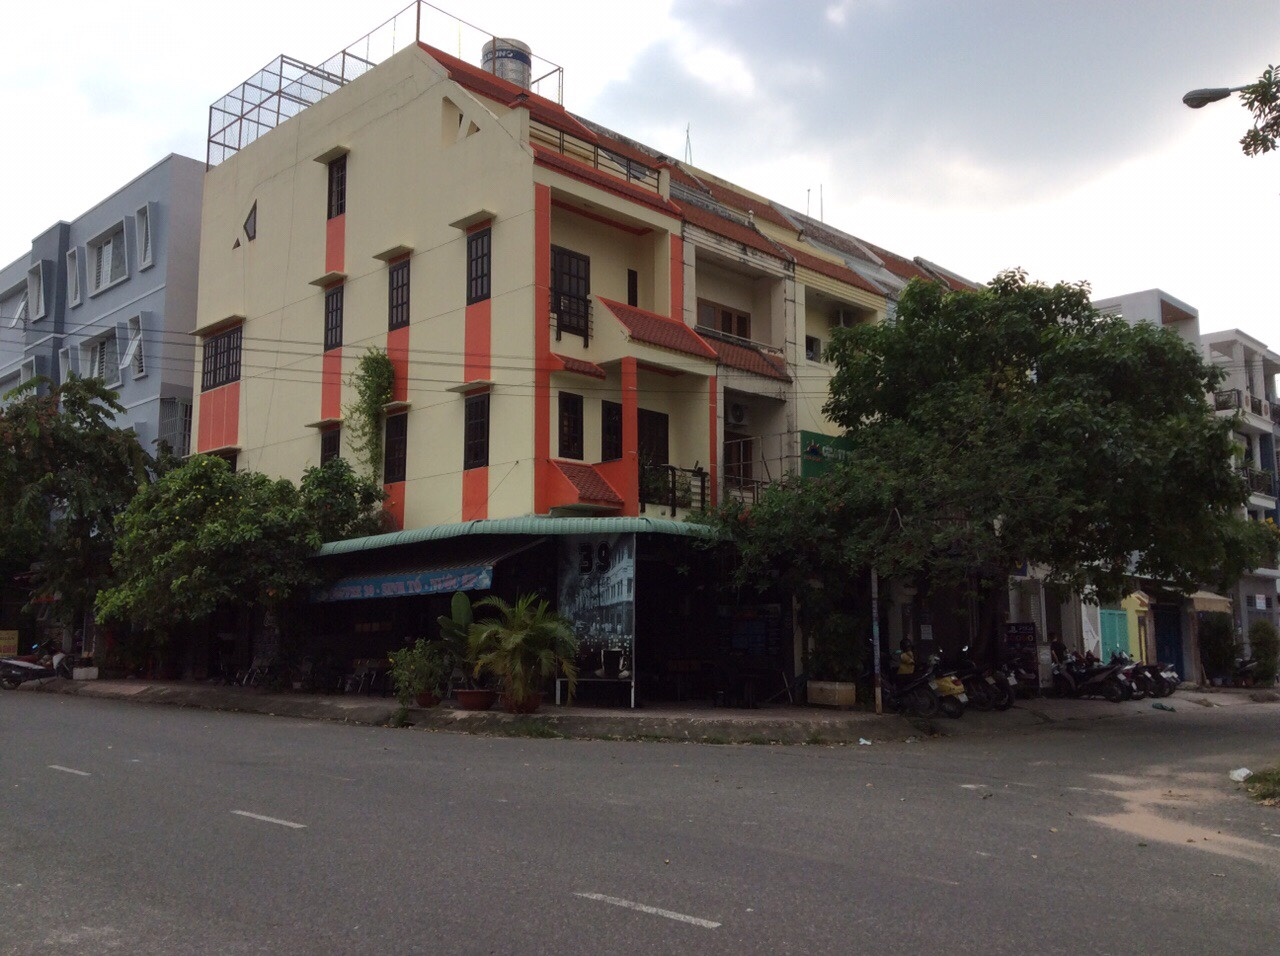 MT  Đường 449, Phường Tăng Nhơn Phú A, Quận 9 Kết cấu: 1 trệt,3 lầu,sân thượng DT: 75.6m2, 4.2 x 18m Nhà mặt tiền Giá: 9.7 Tỷ